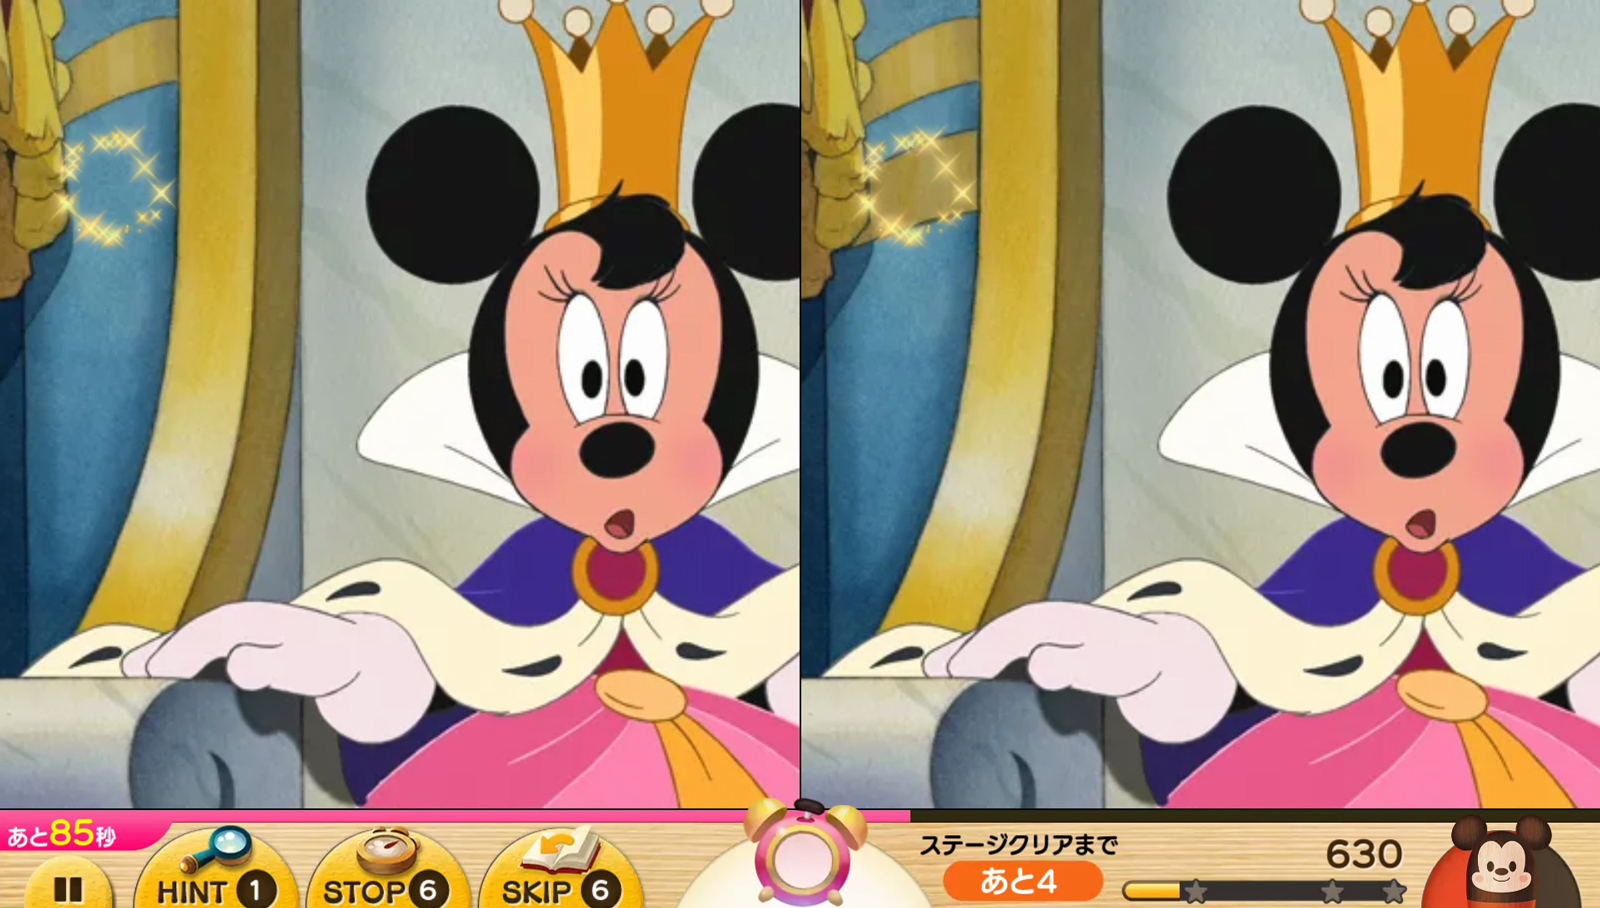 ディズニー タッチタッチ【ゲームレビュー】